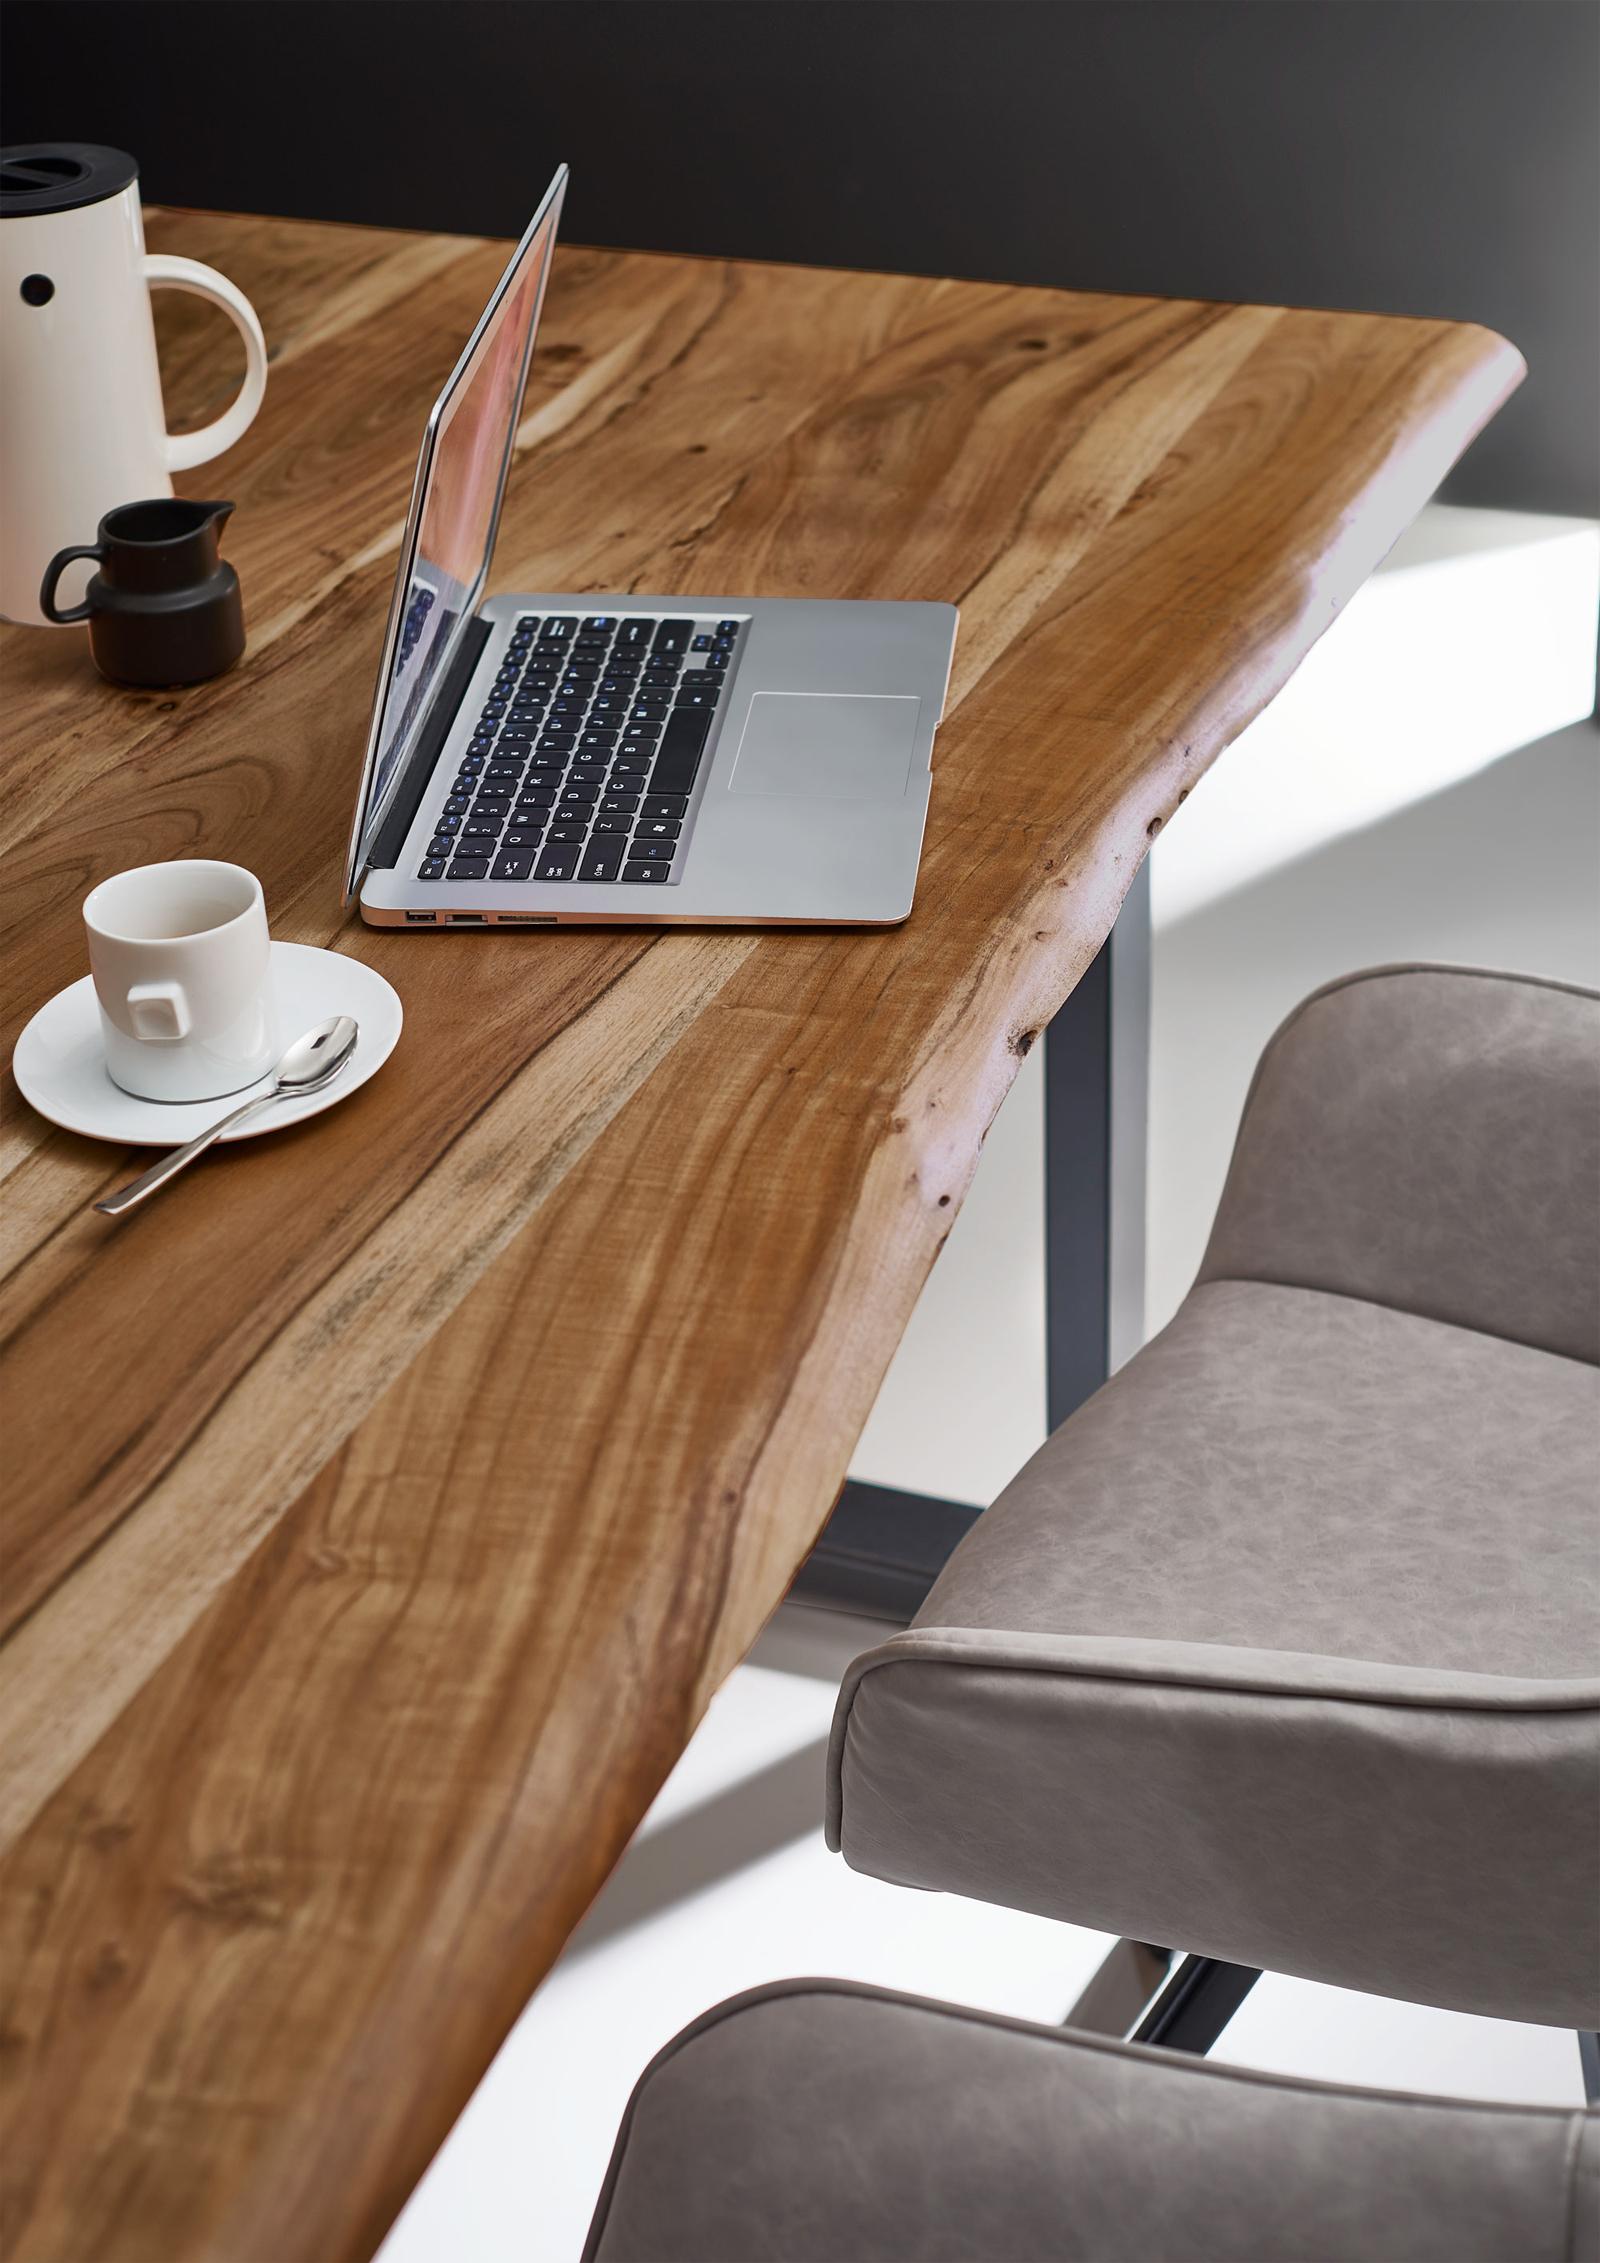 Sam esstisch baumkante massiv akazie 160 x 85 cm silber for Esstisch massiv 160